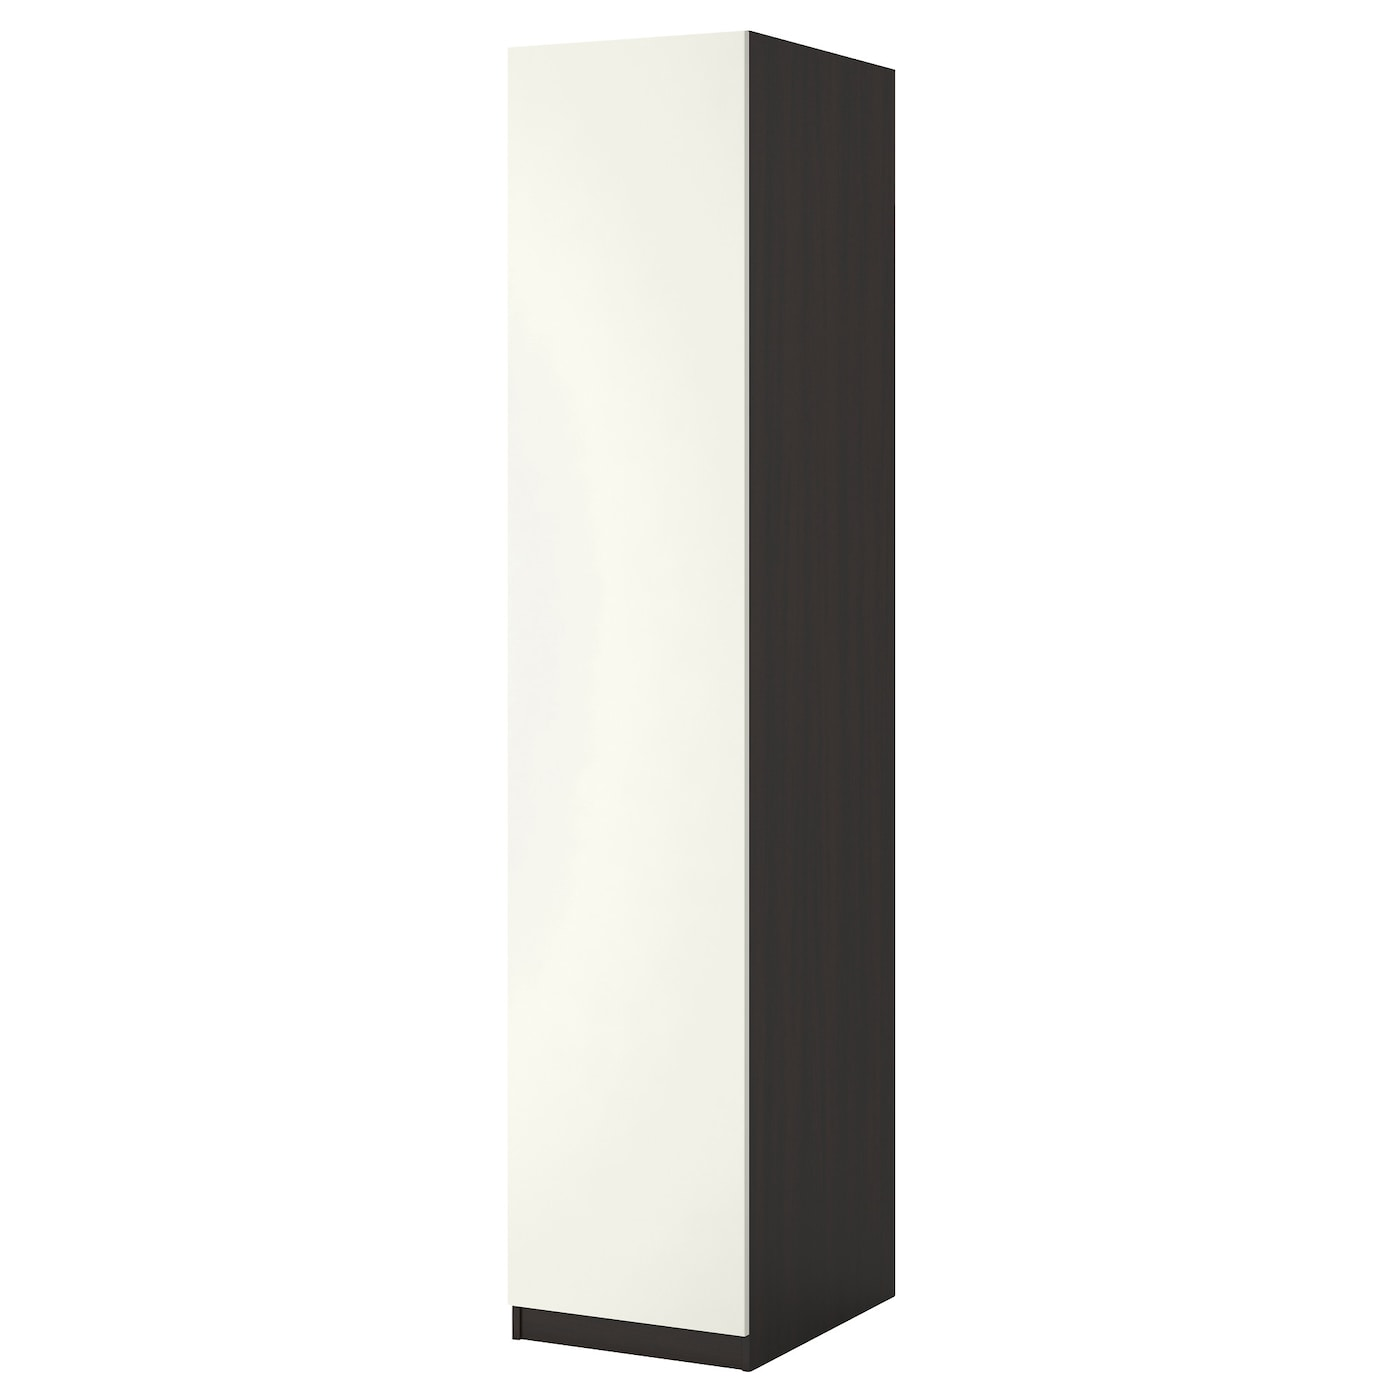 Pax armoire penderie brun noir ballstad blanc 50x60x201 cm for Armoire penderie noire